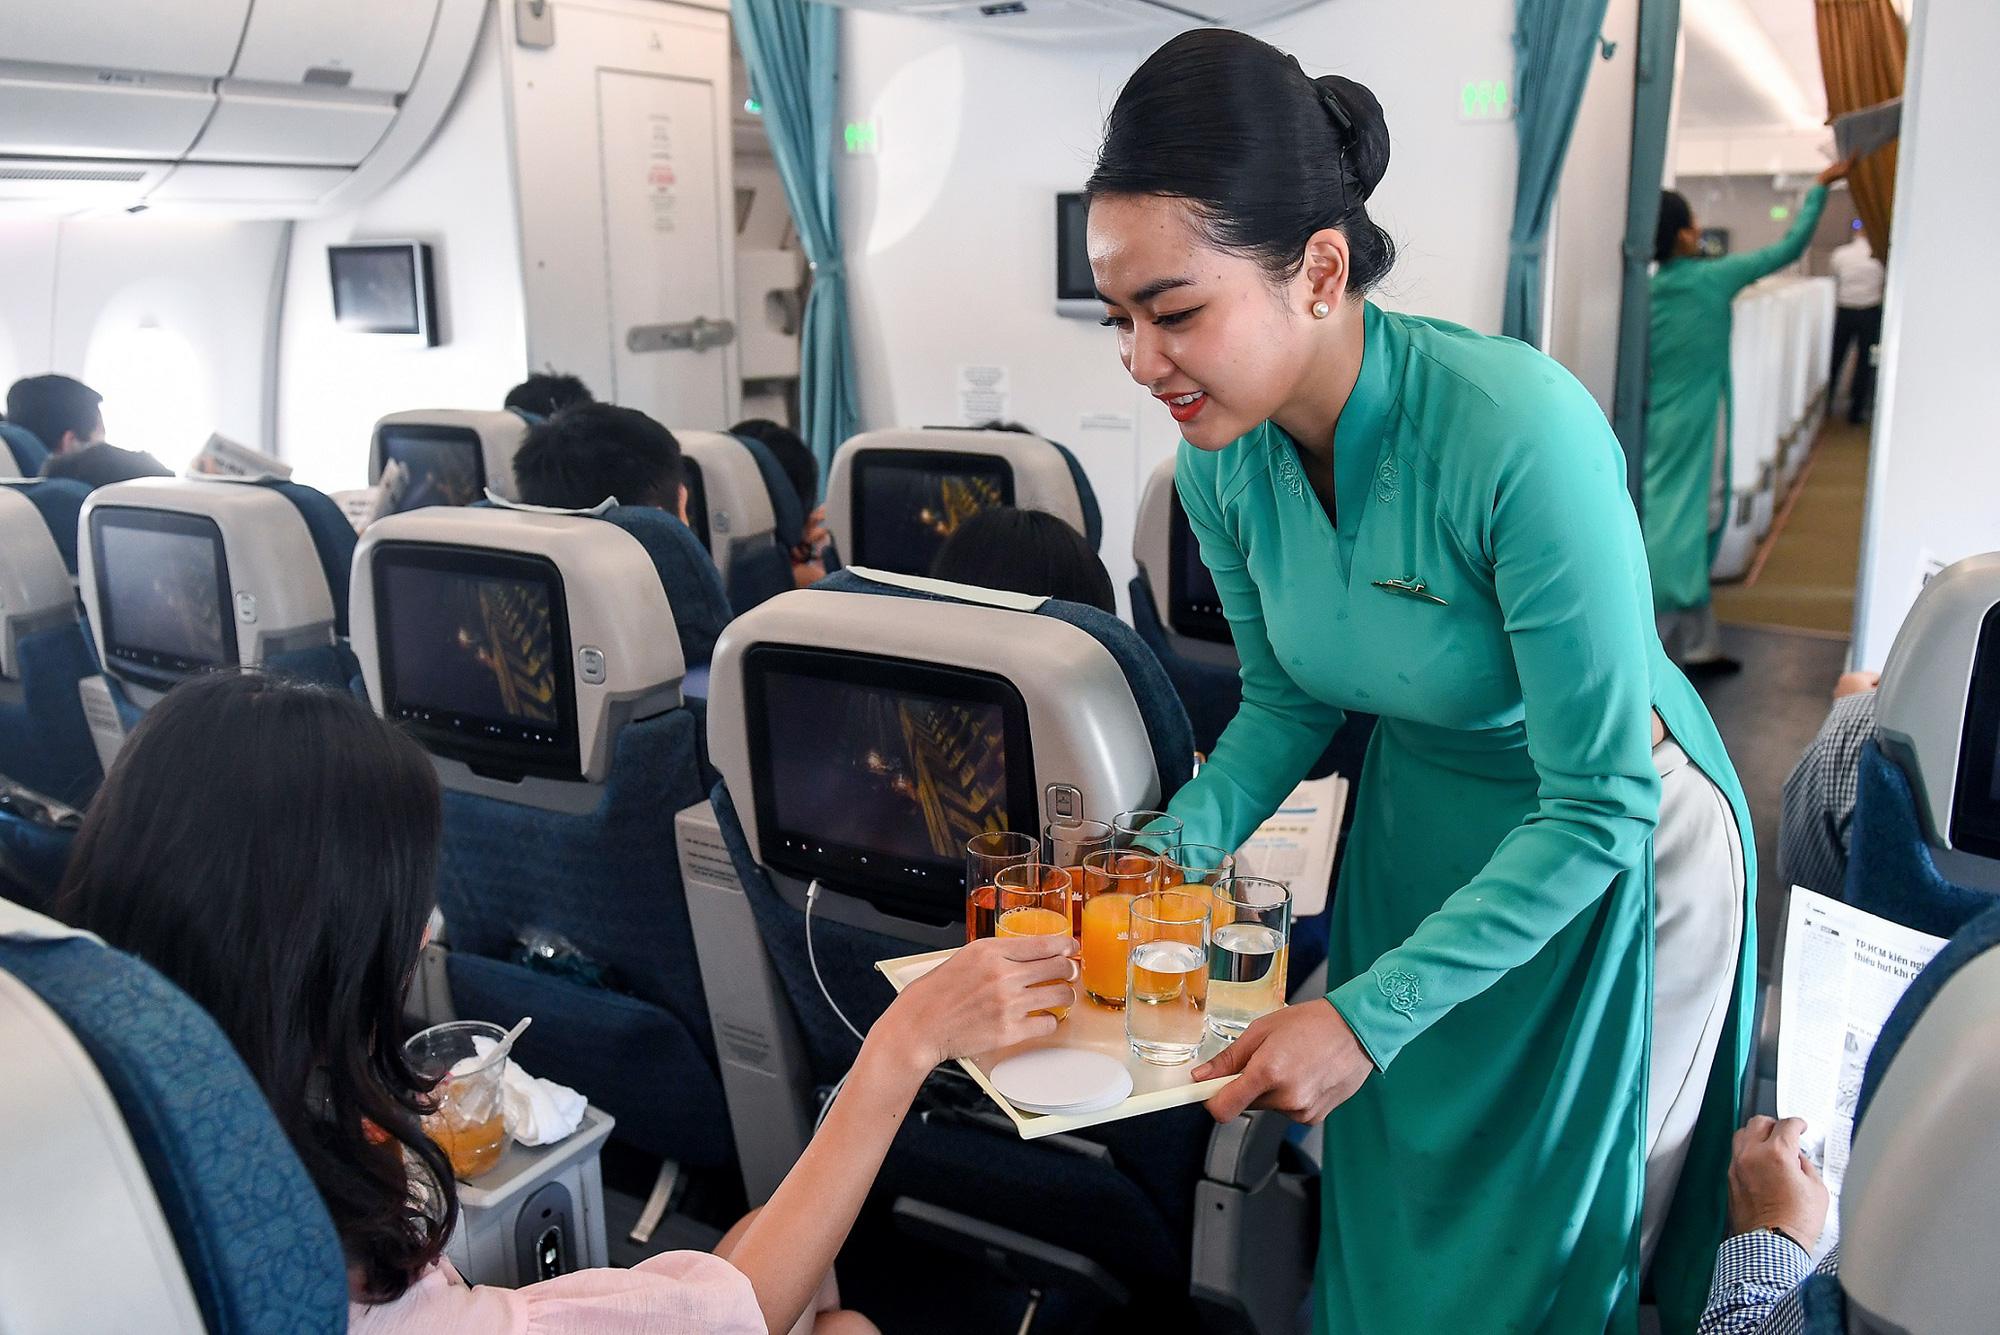 Vietnam Airlines tung chương trình ưu đãi đặc biệt nhân ngày Quốc tế phụ nữ 8/3  - Ảnh 2.